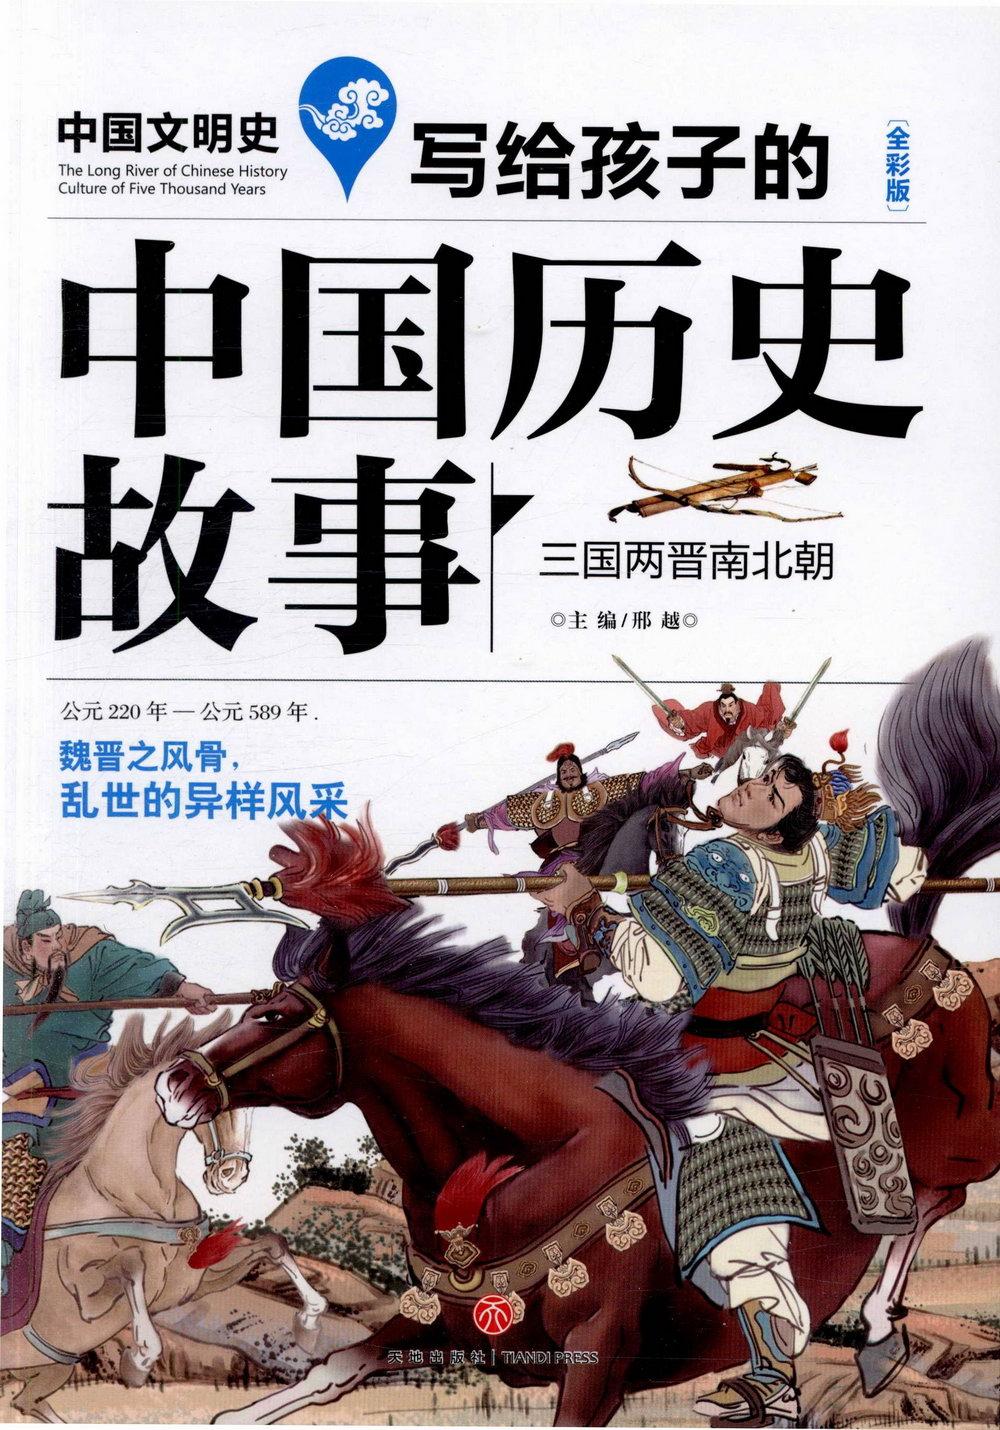 寫給孩子的中國歷史故事:三國兩晉南北朝